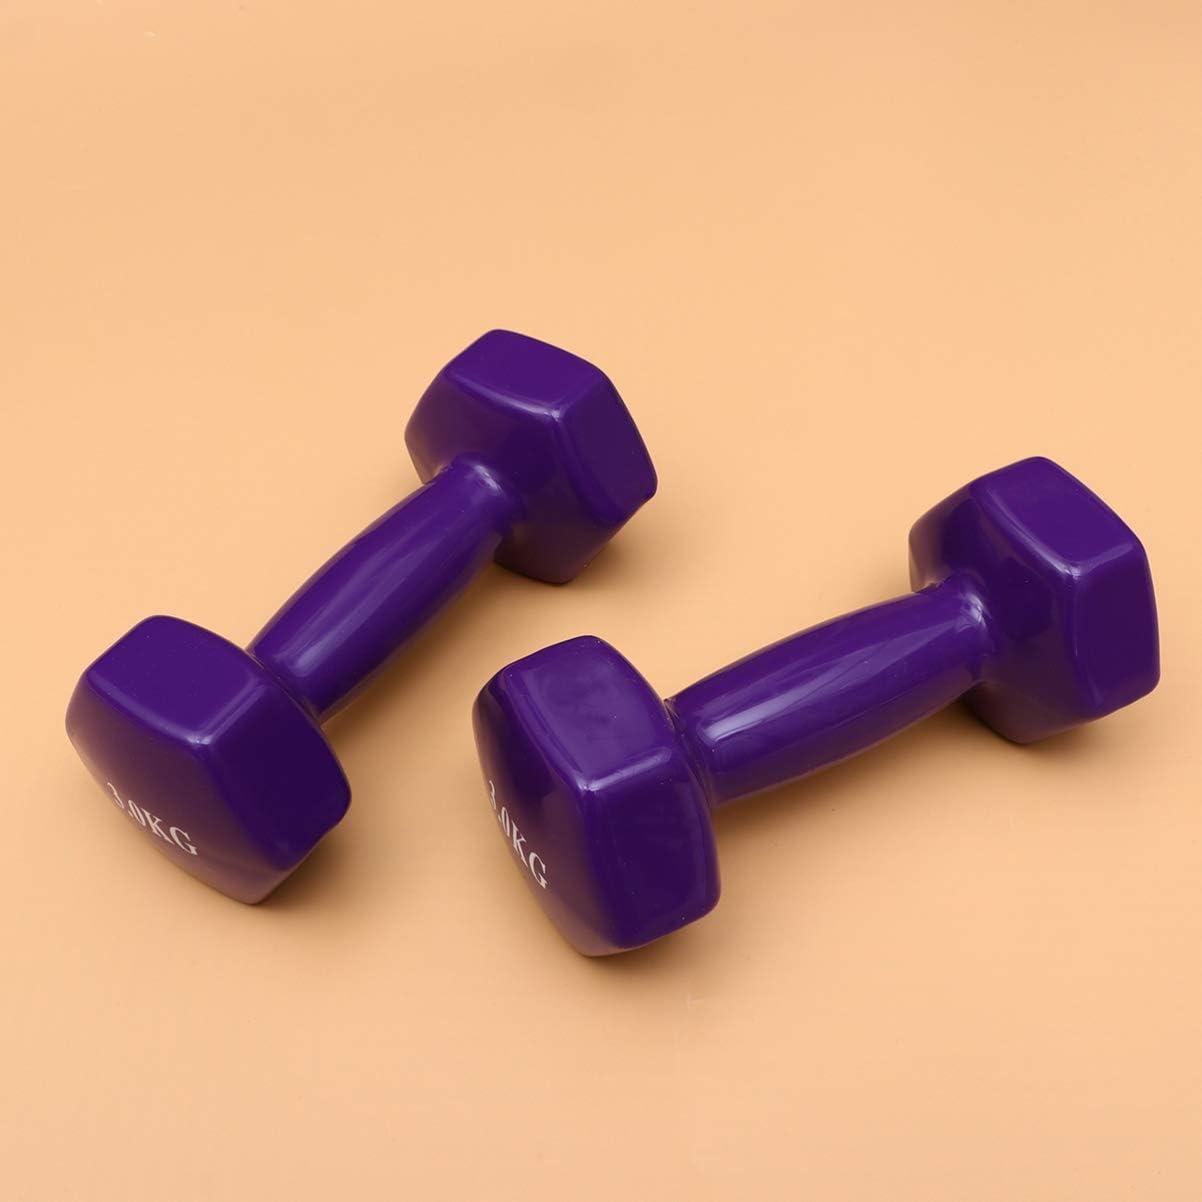 Garneck M/üsseniges Fitnesszubeh/ör Metallbeschichtete Kurzhanteln Hanteln f/ür Das Gewichtheben im Fitnessstudio Mehrere Spezbezogene des Muskeltrainers Gewicht 0,5 Kg, Zwei